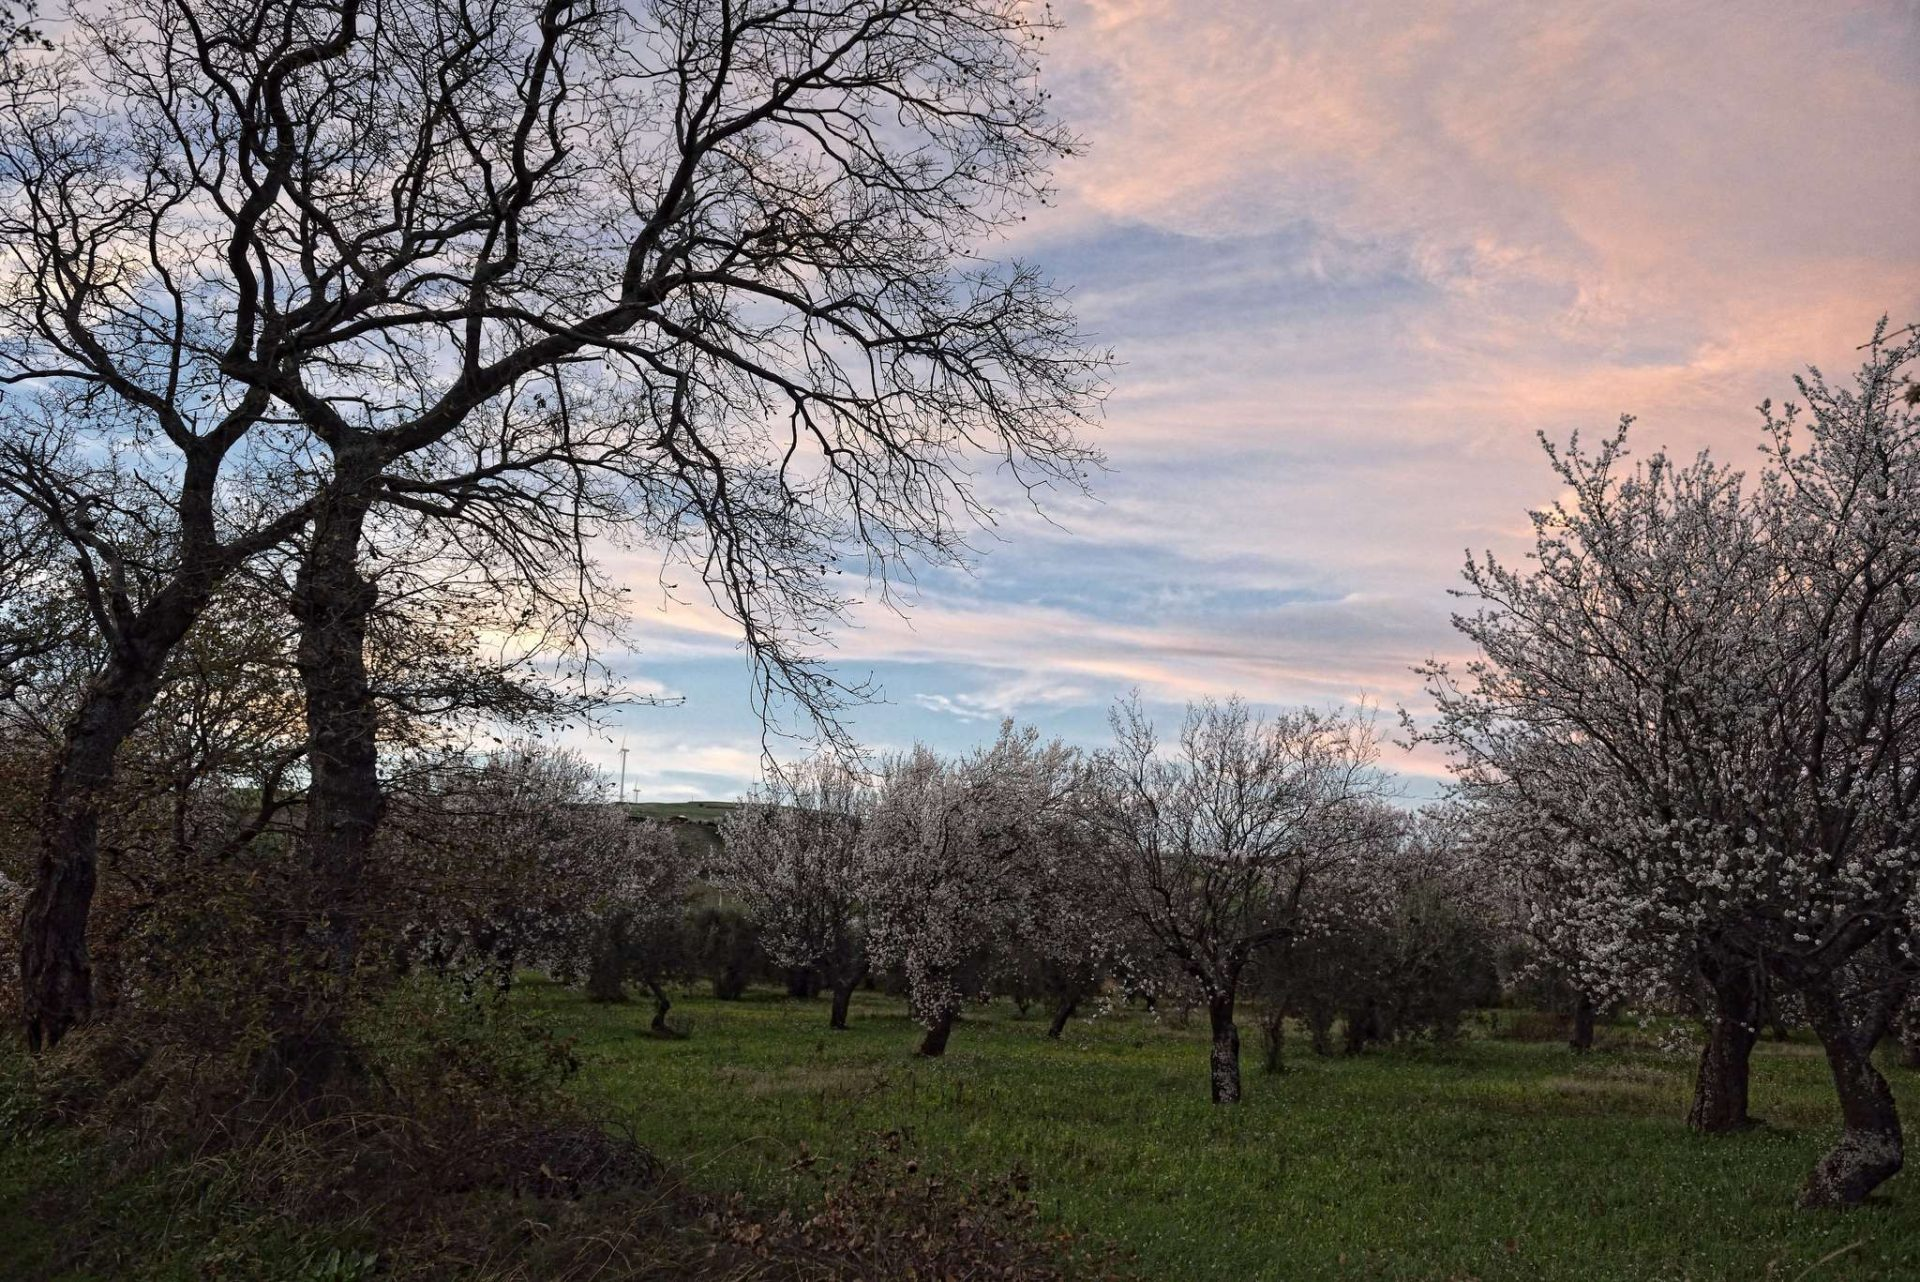 Kwitnące drzewo migdałowe Gargano Apulia luty